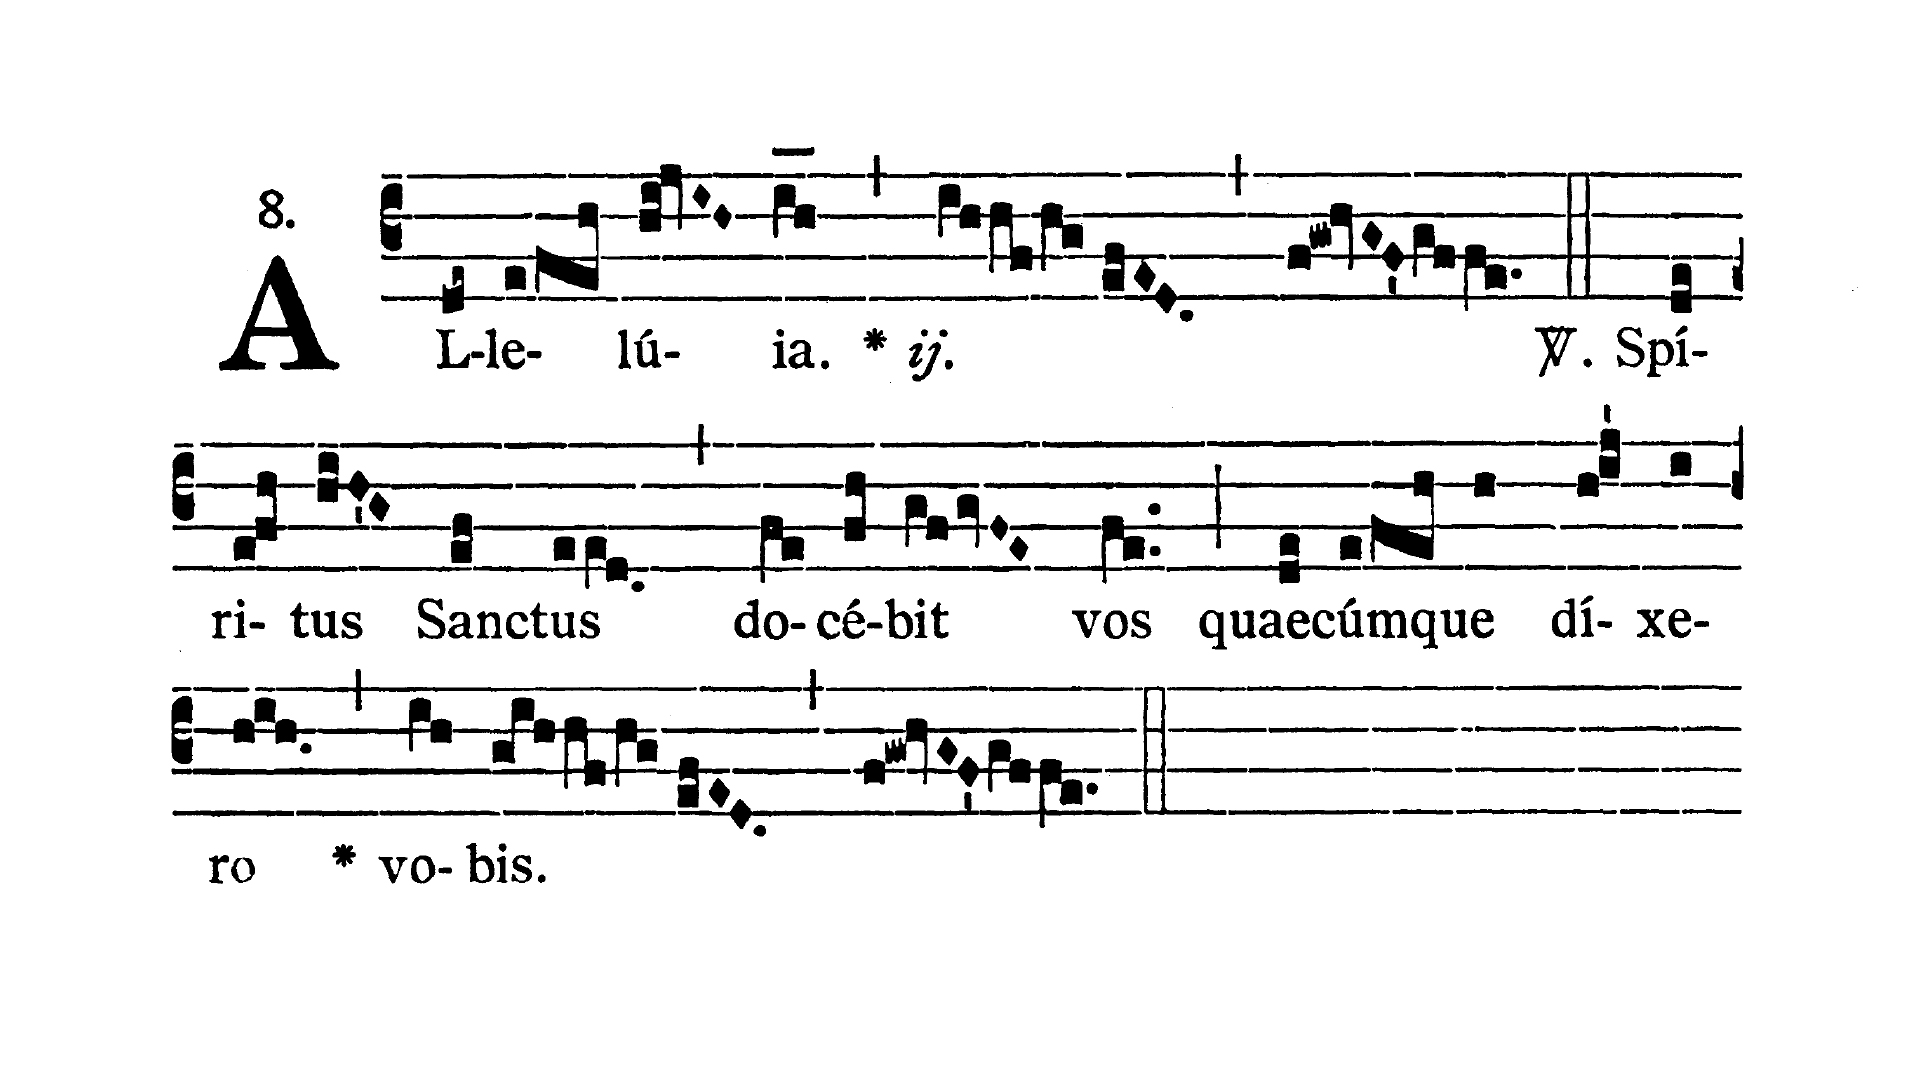 Feria tertia infra Octavam Pentecostes (Wtorek w oktawie Zesłania Ducha Świętego) - Alleluia prima (Spiritus Sanctus)